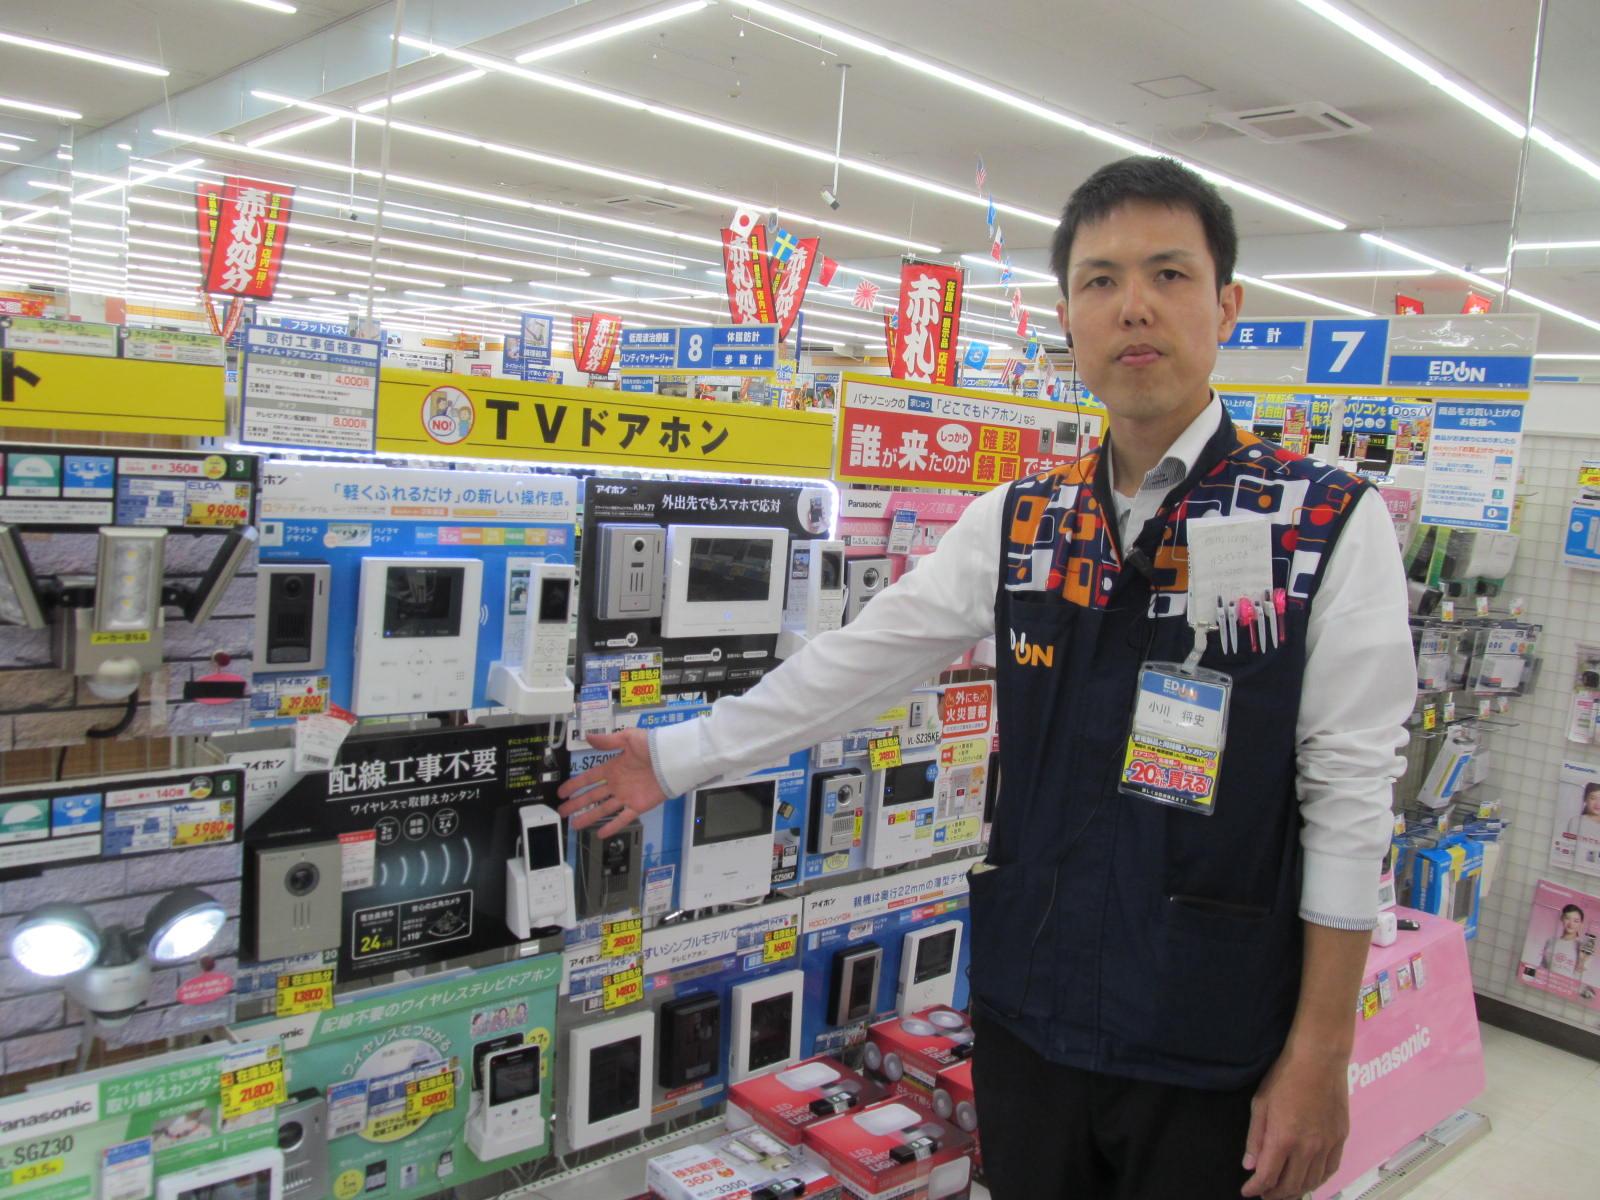 テレビドアホンコーナーに立つ小川主任